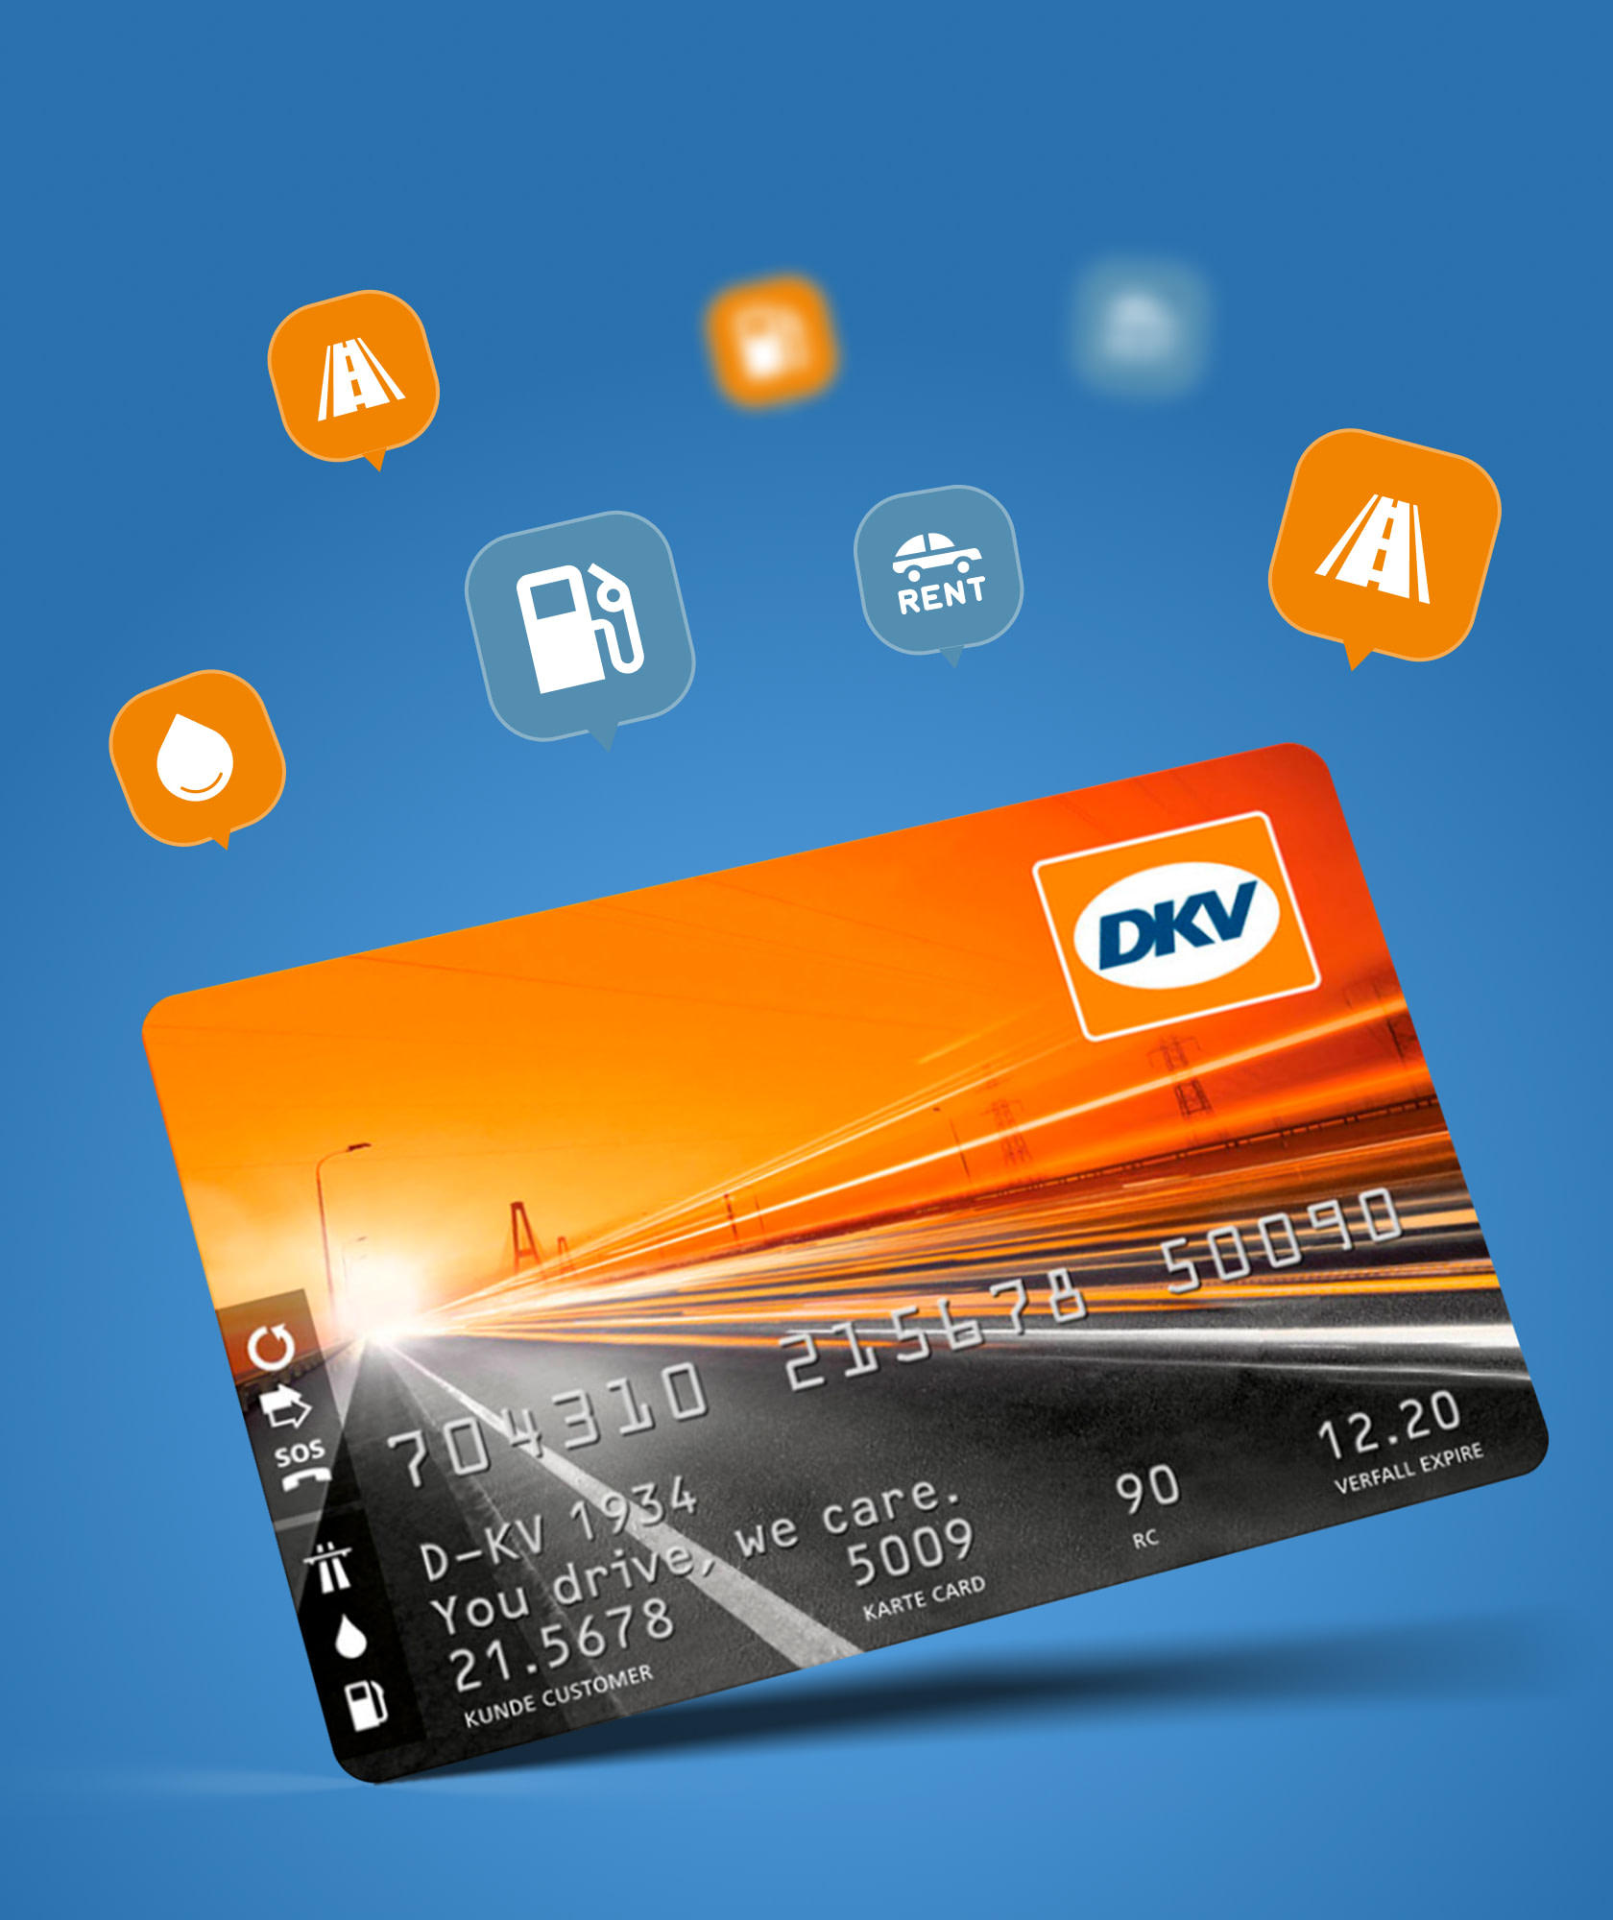 создание и разработка корпоративного сайта - DKV